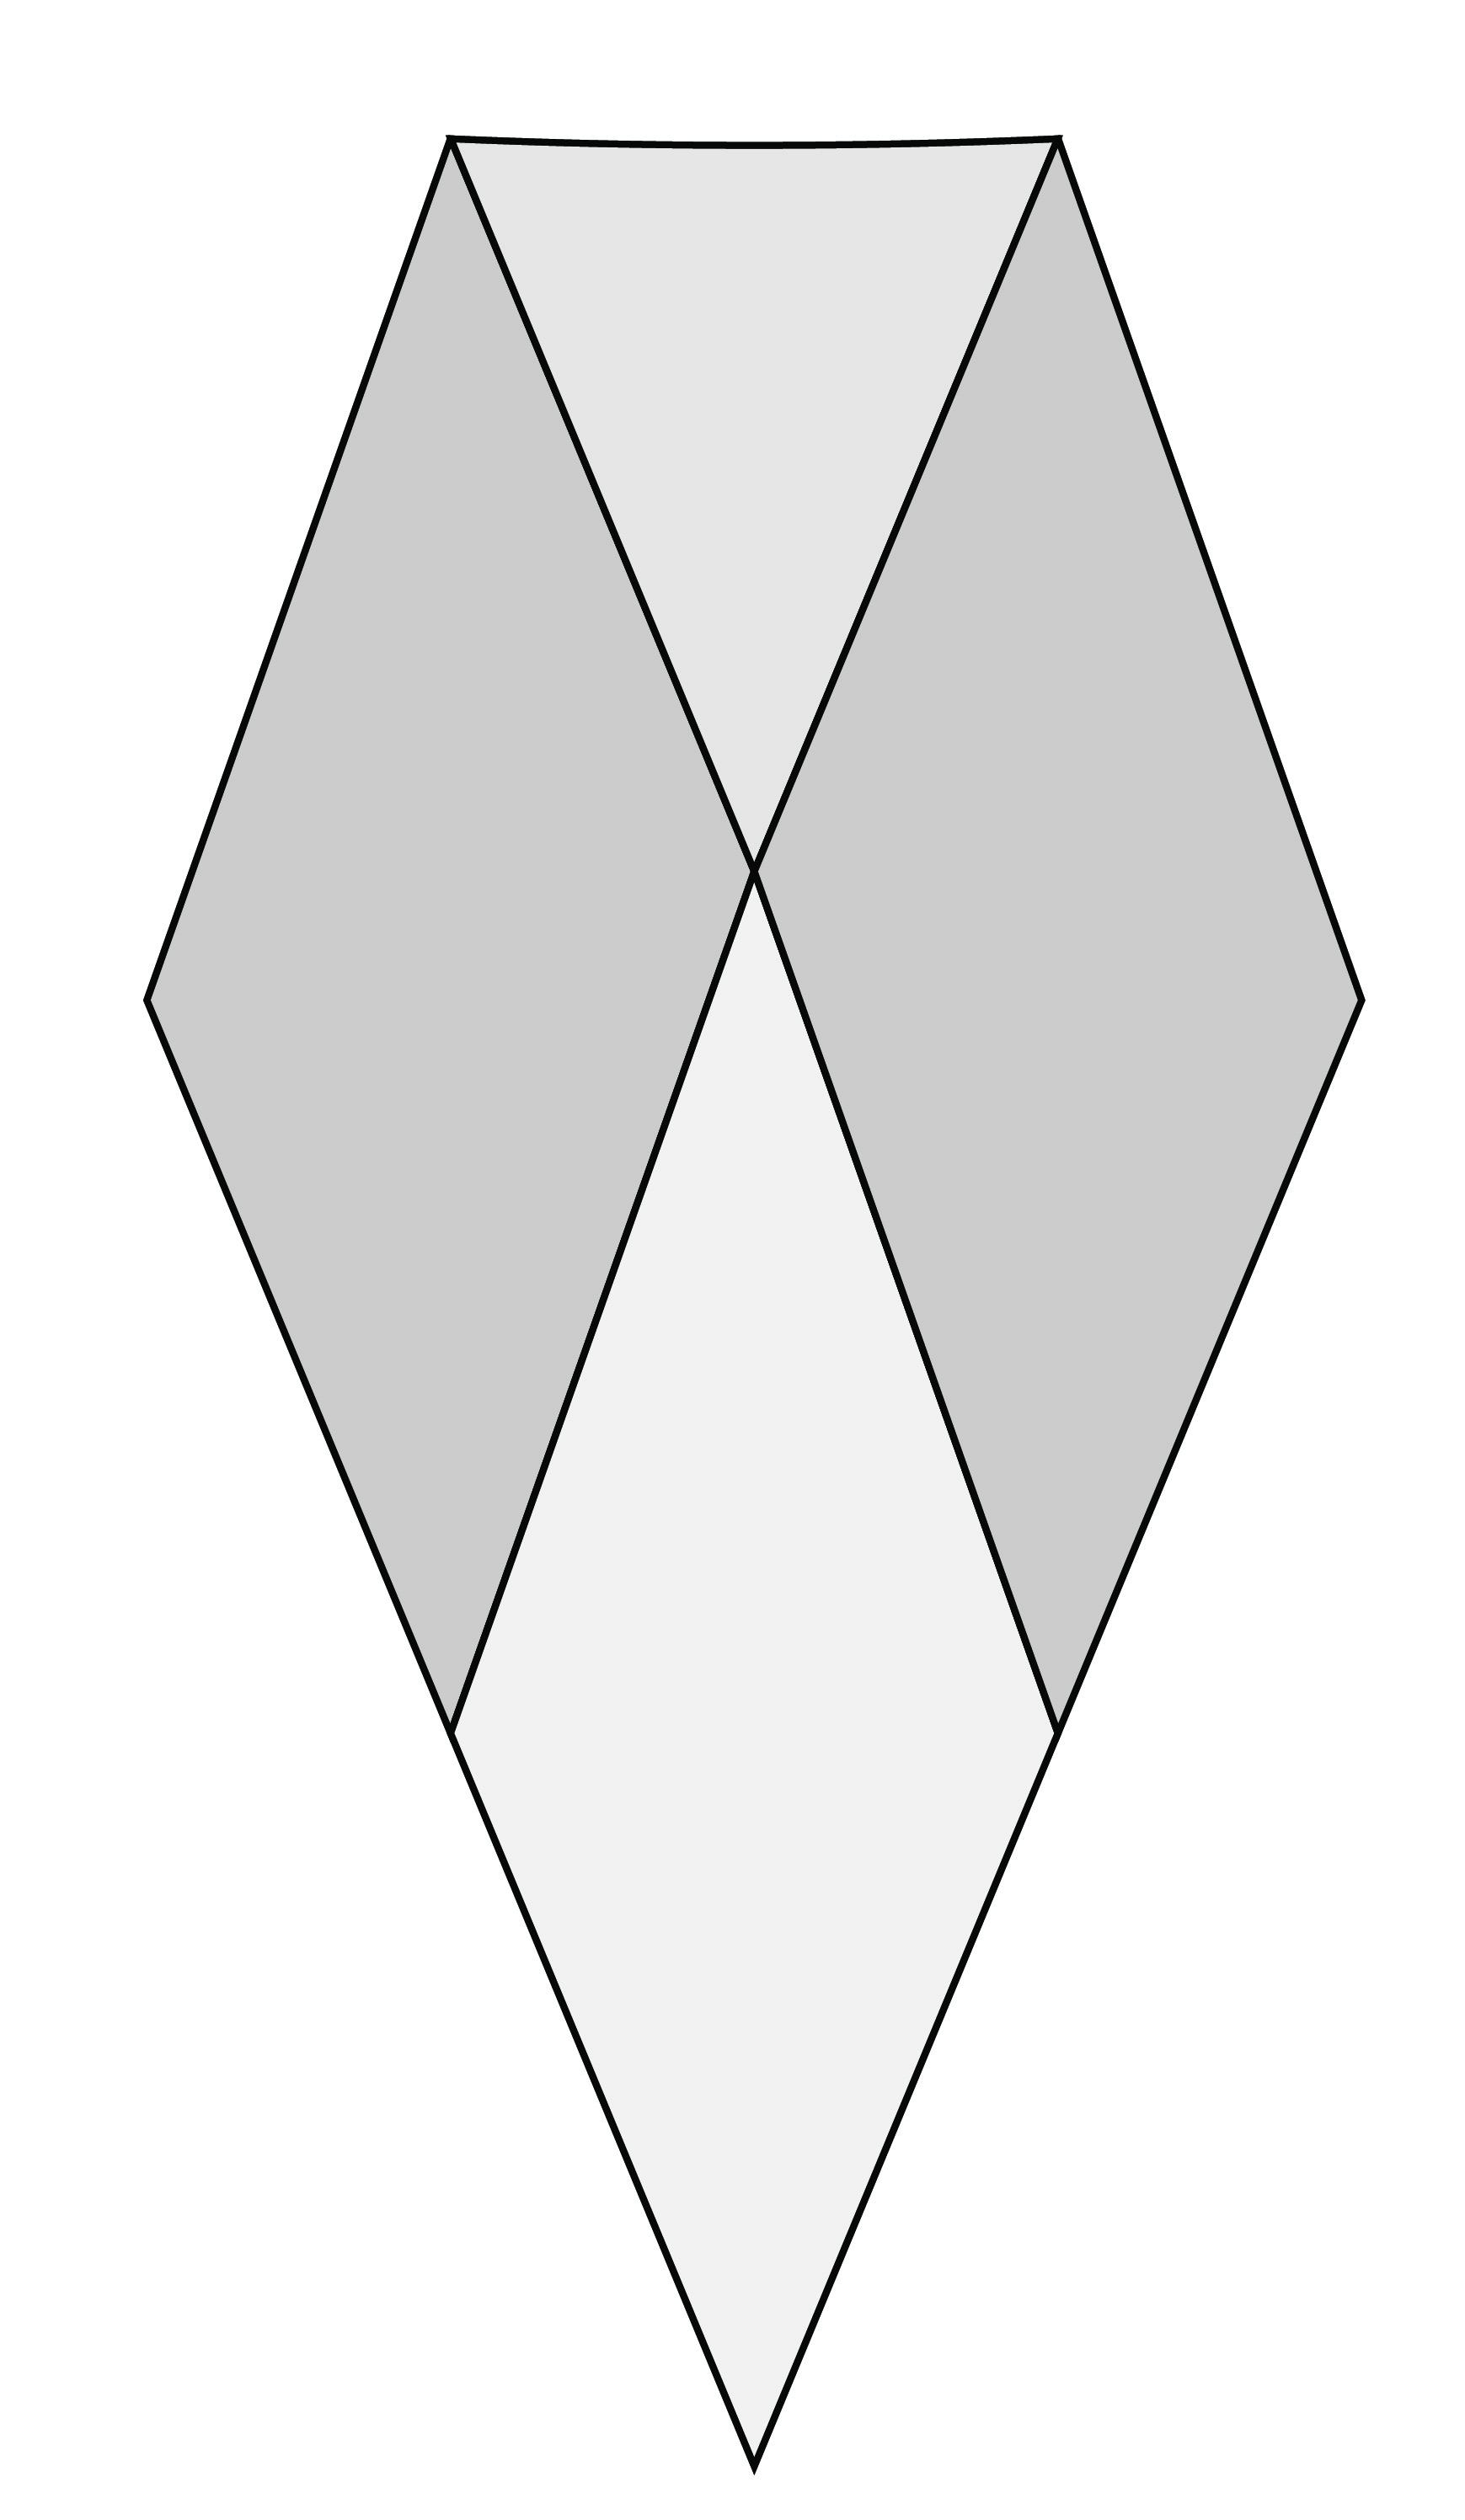 Diagrams-12